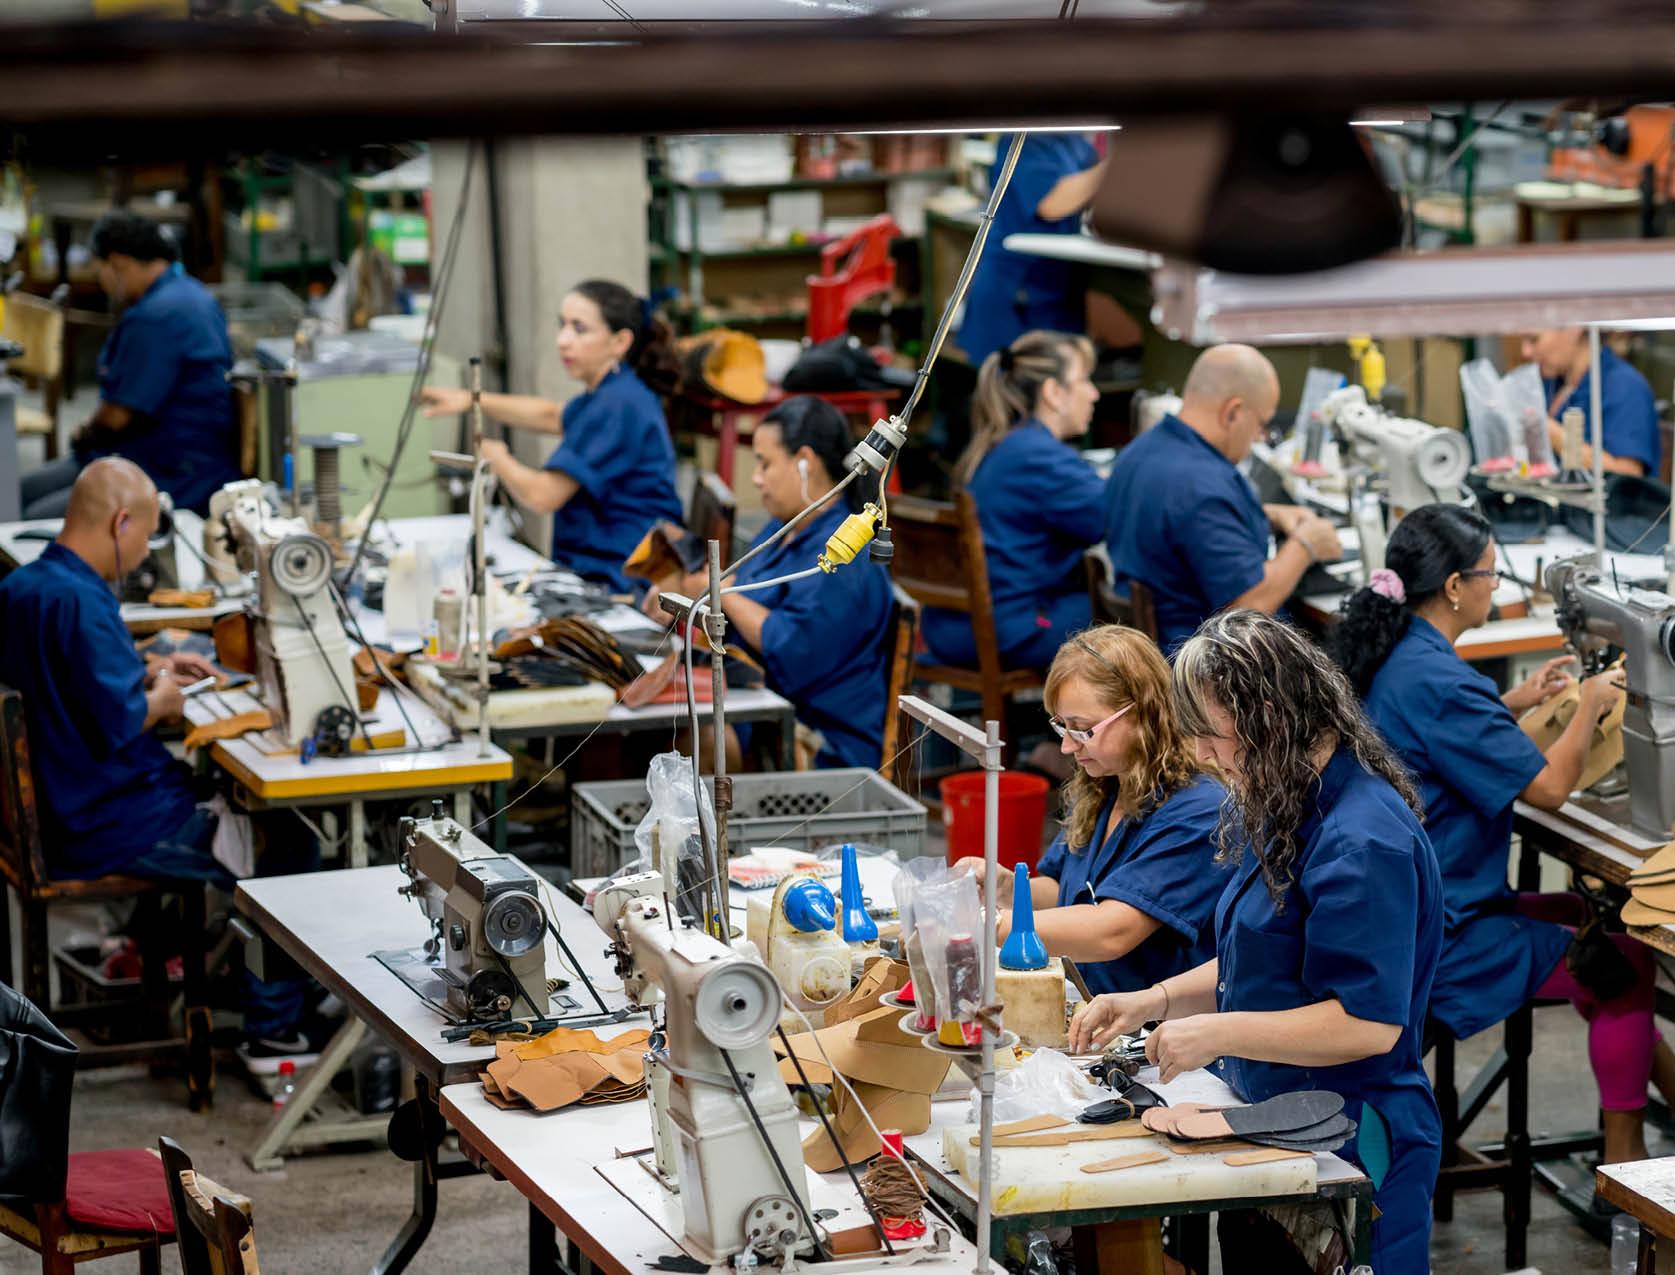 Costes laborales: una vez más, se demuestra que el trabajador español cobra poco pero el empresario español paga muchos impuestos